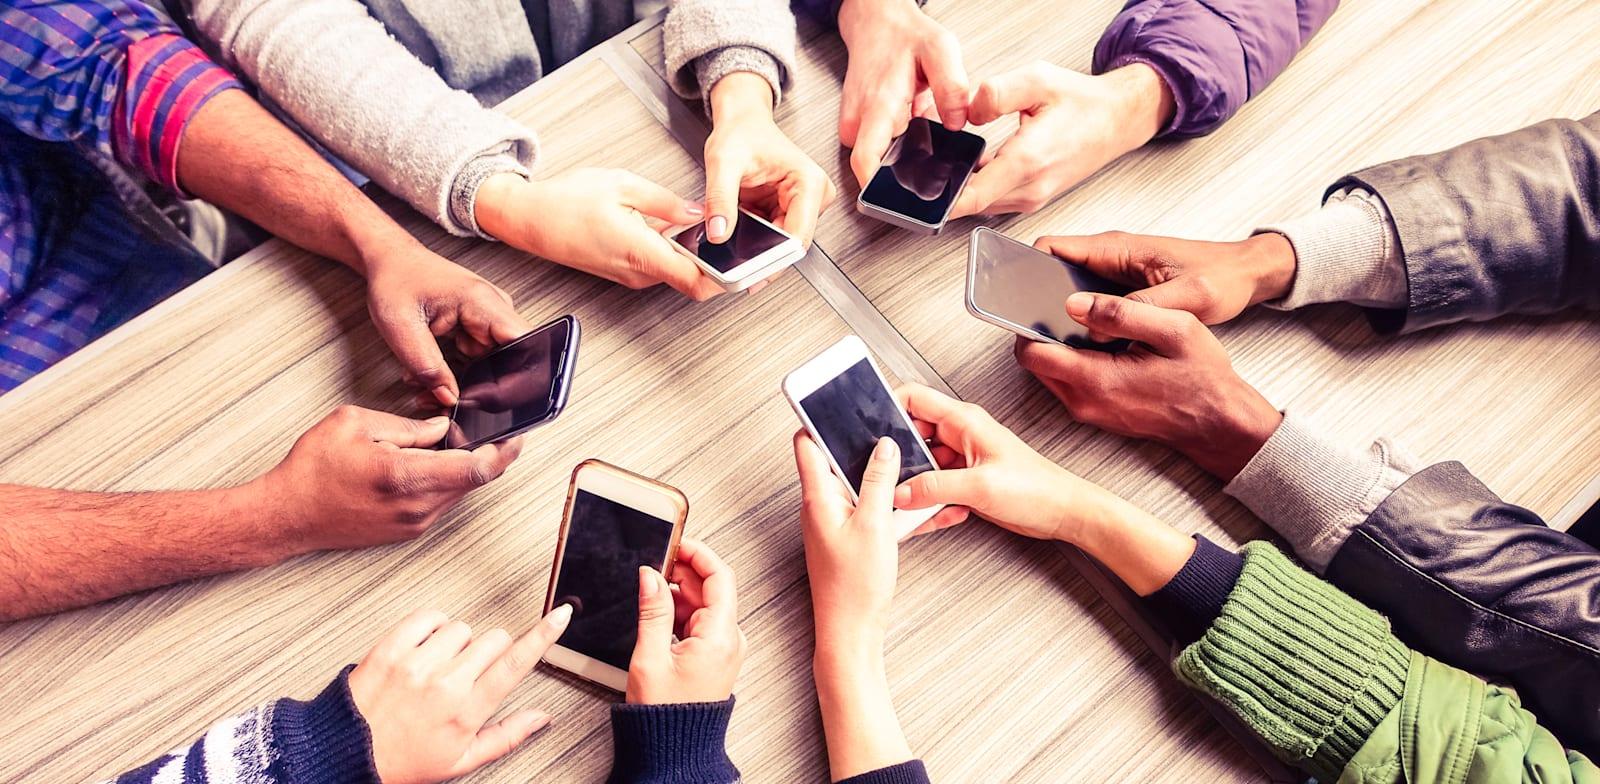 אחת מנקודות התורפה בחברות הסלולר היא ההמתנה על קו הטלפון / צילום: Shutterstock, Akhenaton Images